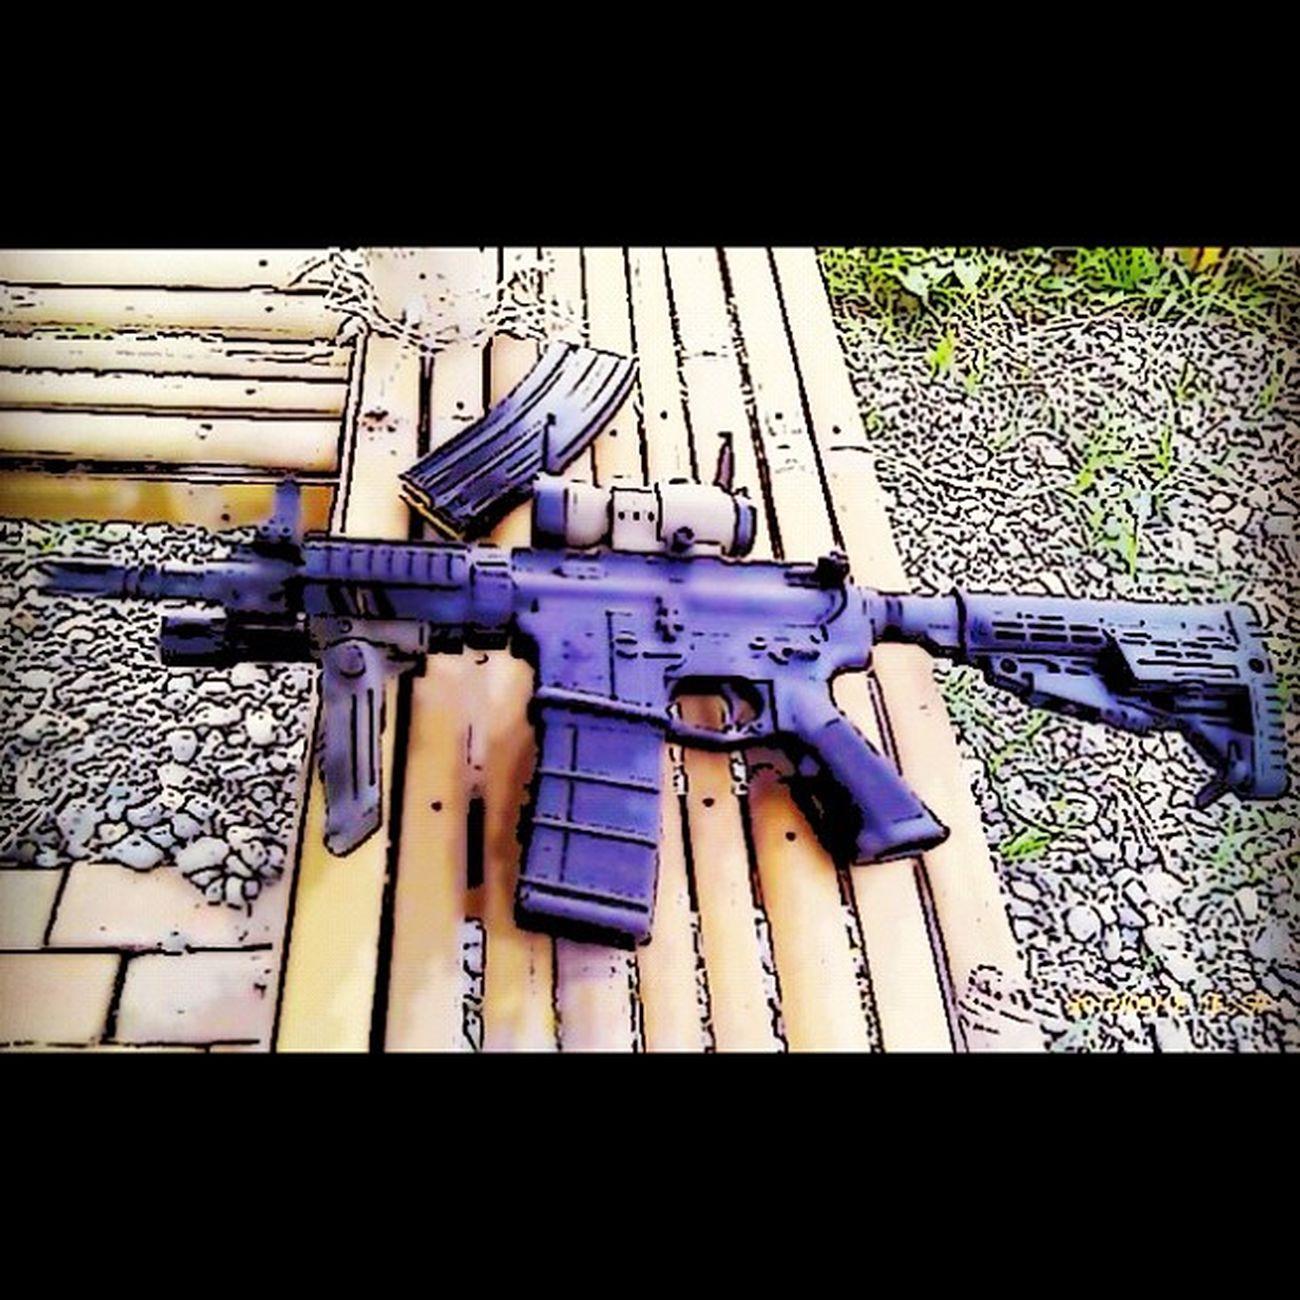 M4a1 Assault Rifle Navyseal Firing friends redDot